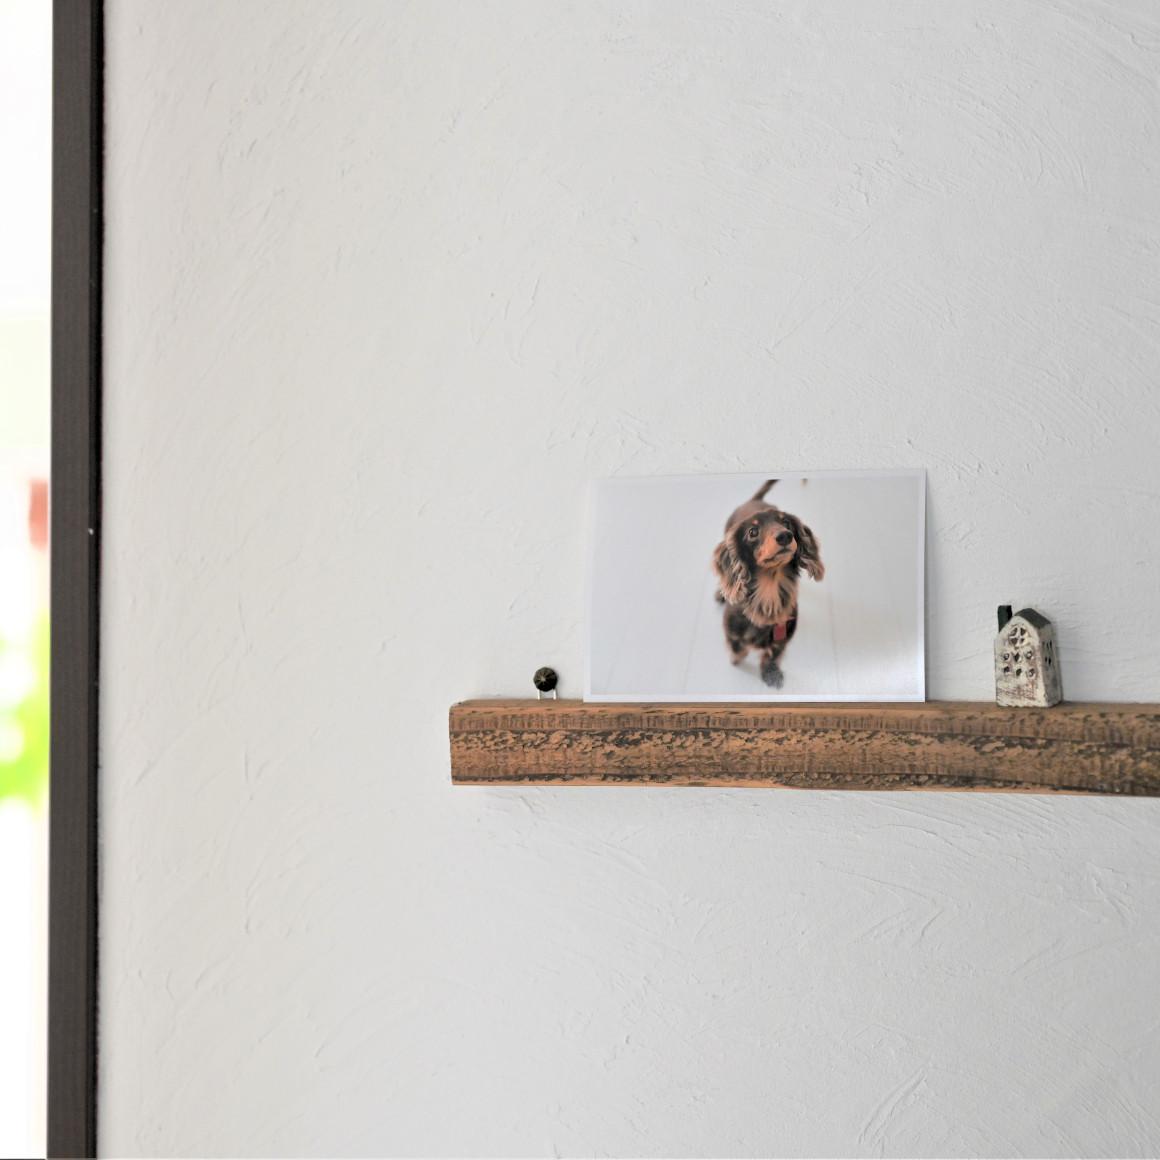 元雑貨屋さんが教える、ペット写真のおしゃれな飾り方8選